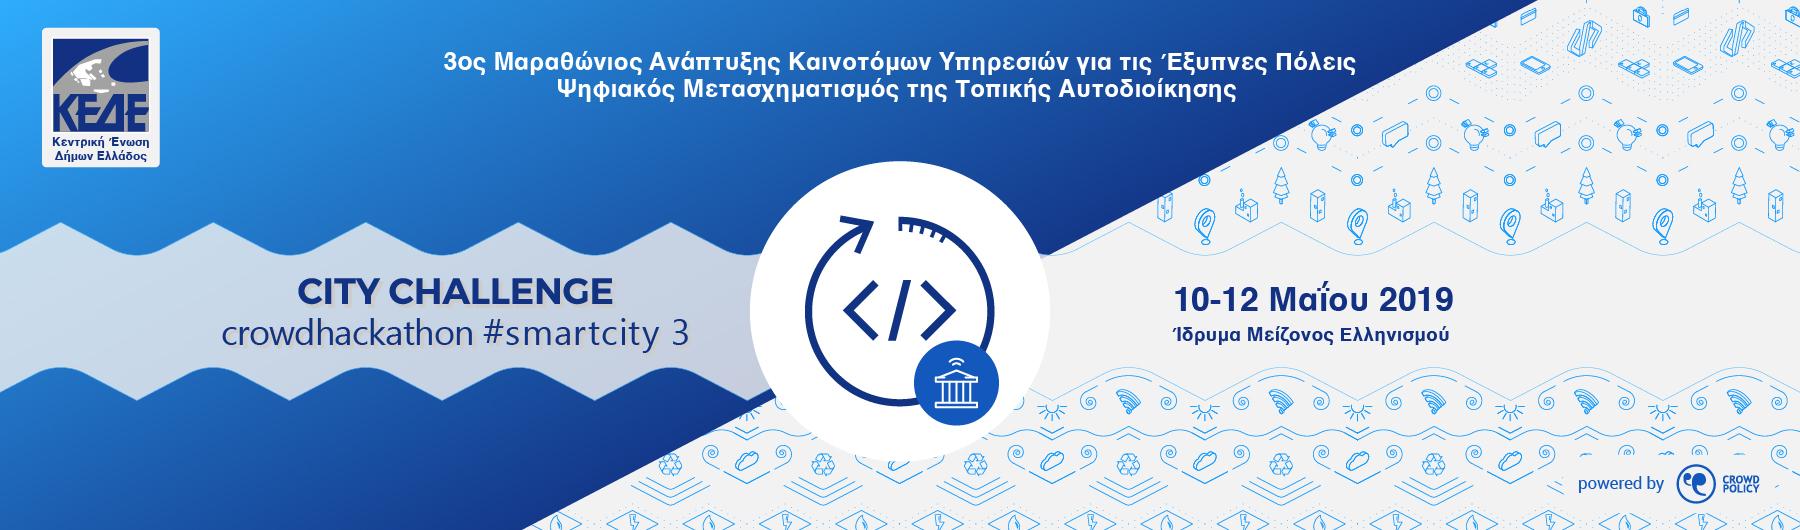 ΚΕΔΕ City Challenge crowdhackathon #smartcity 3